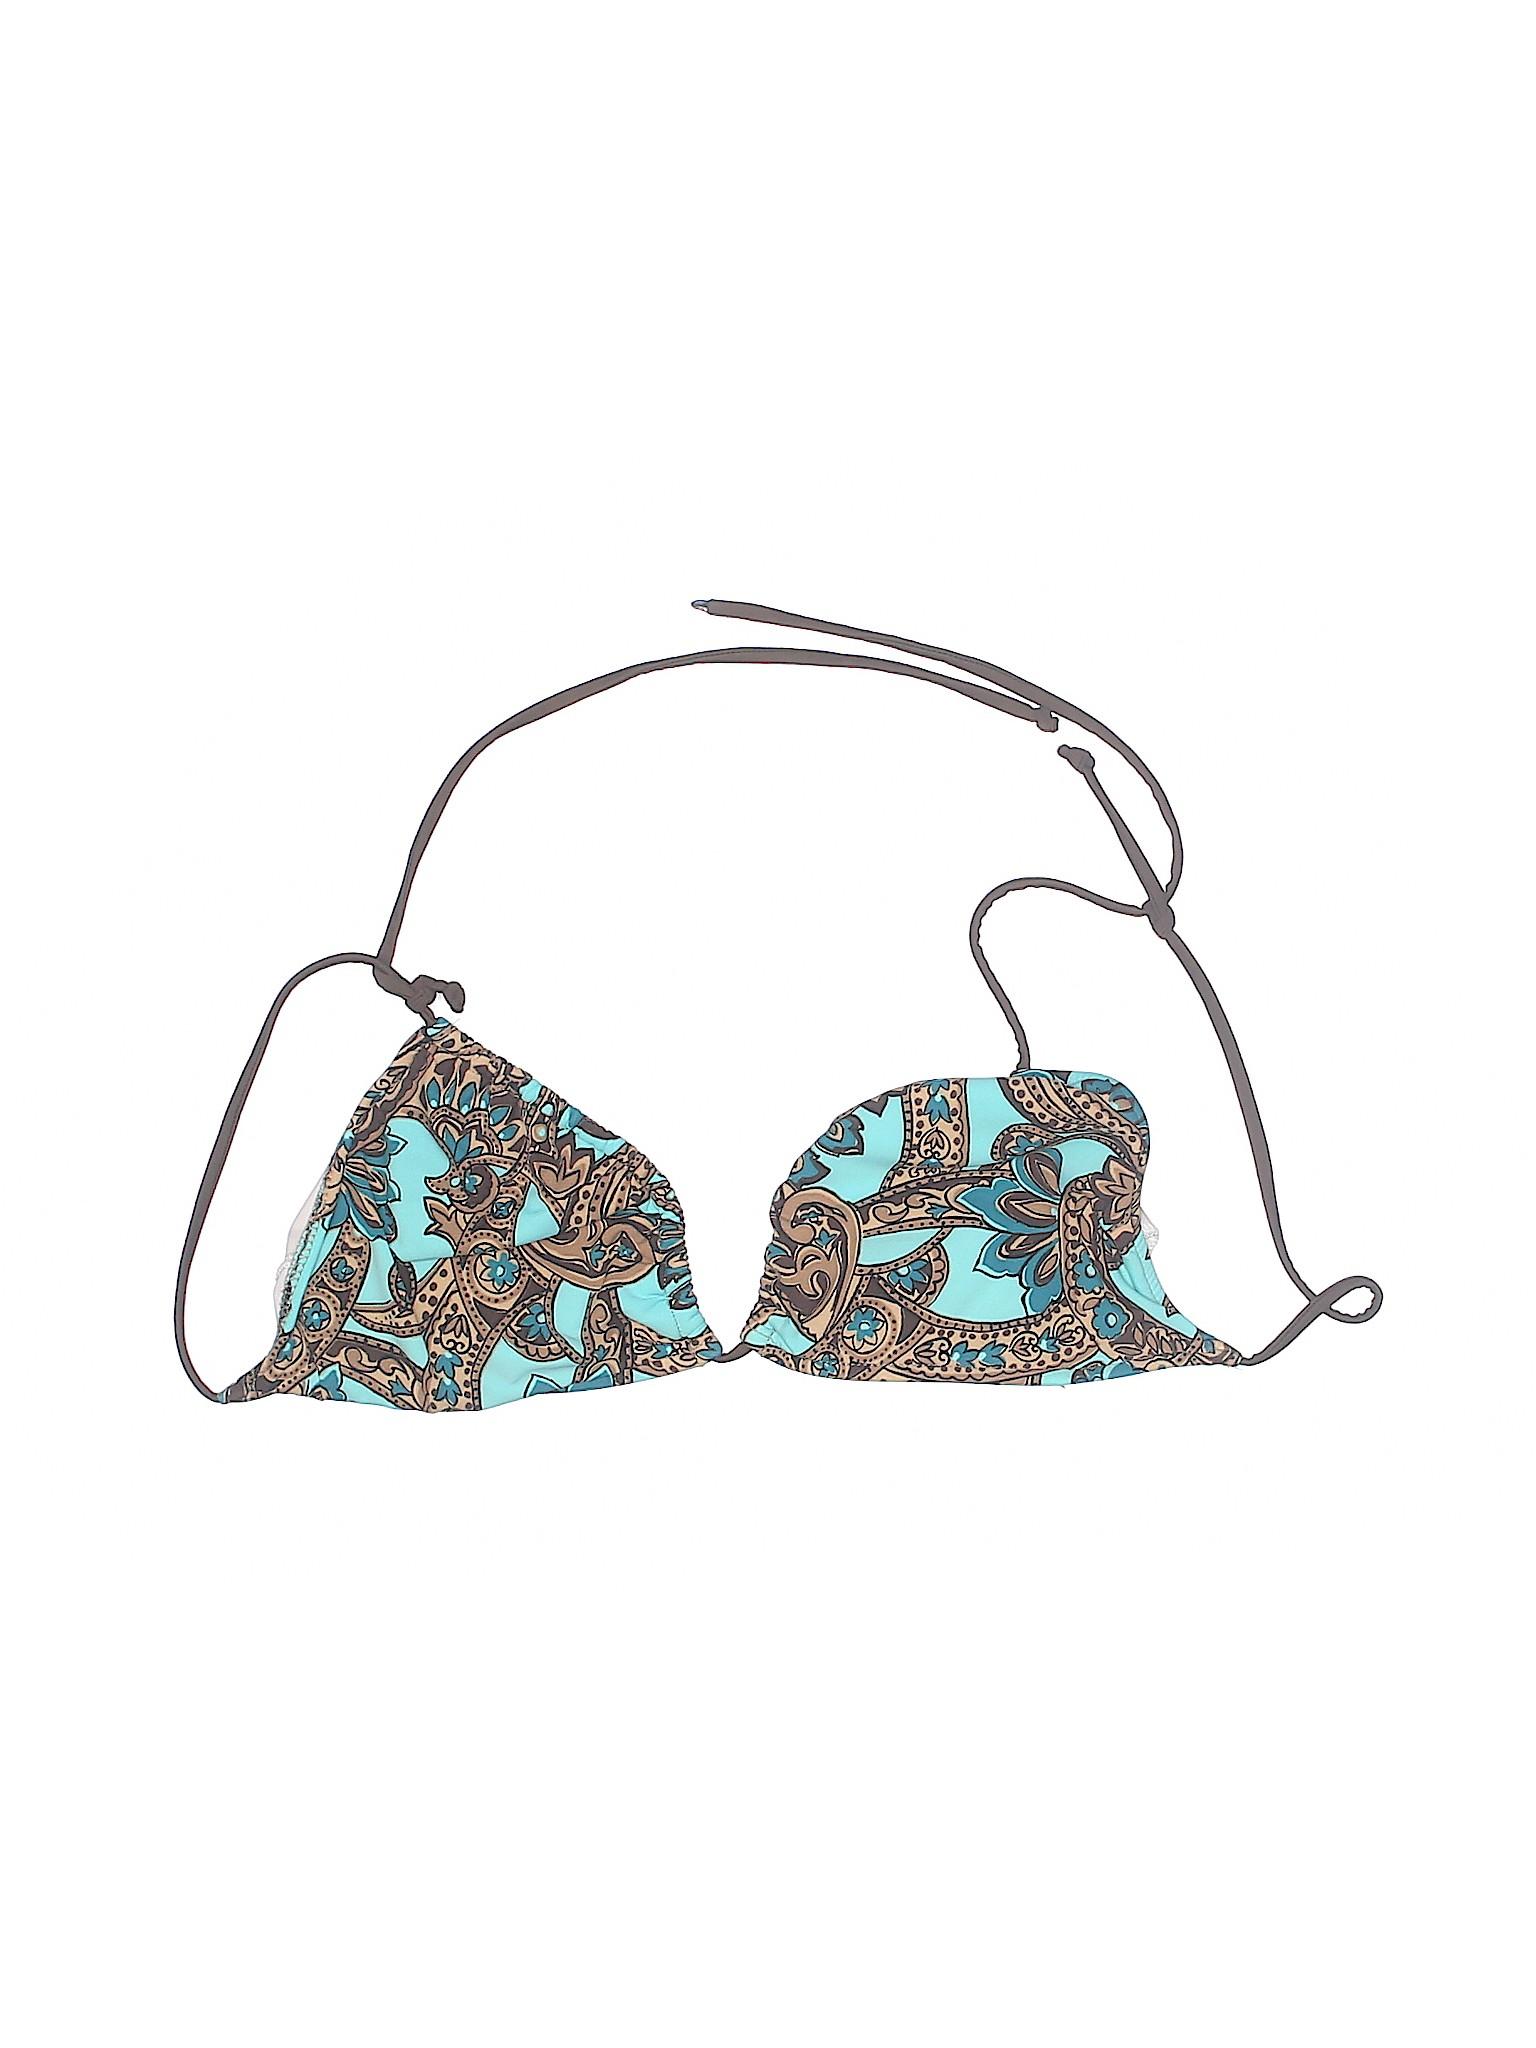 Top Boutique Boutique Swimsuit Venus Venus 6YqwB447